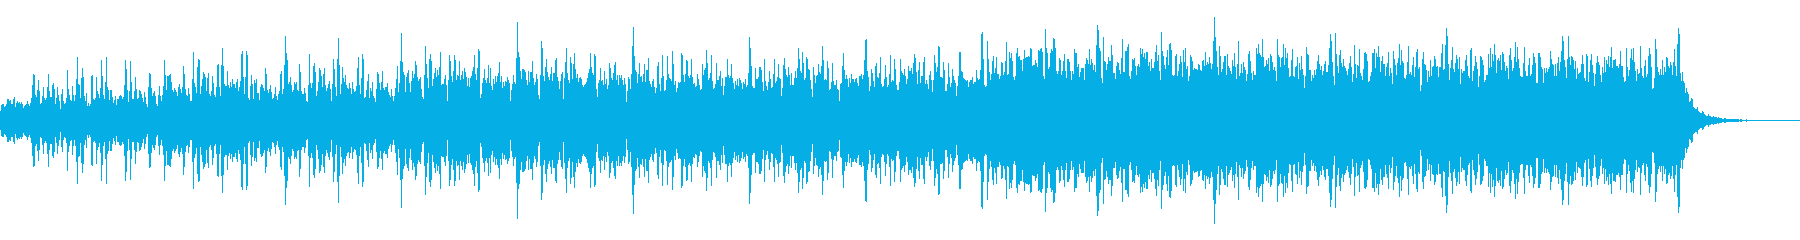 ミステリアス、ハラハラ感、EDMの再生済みの波形